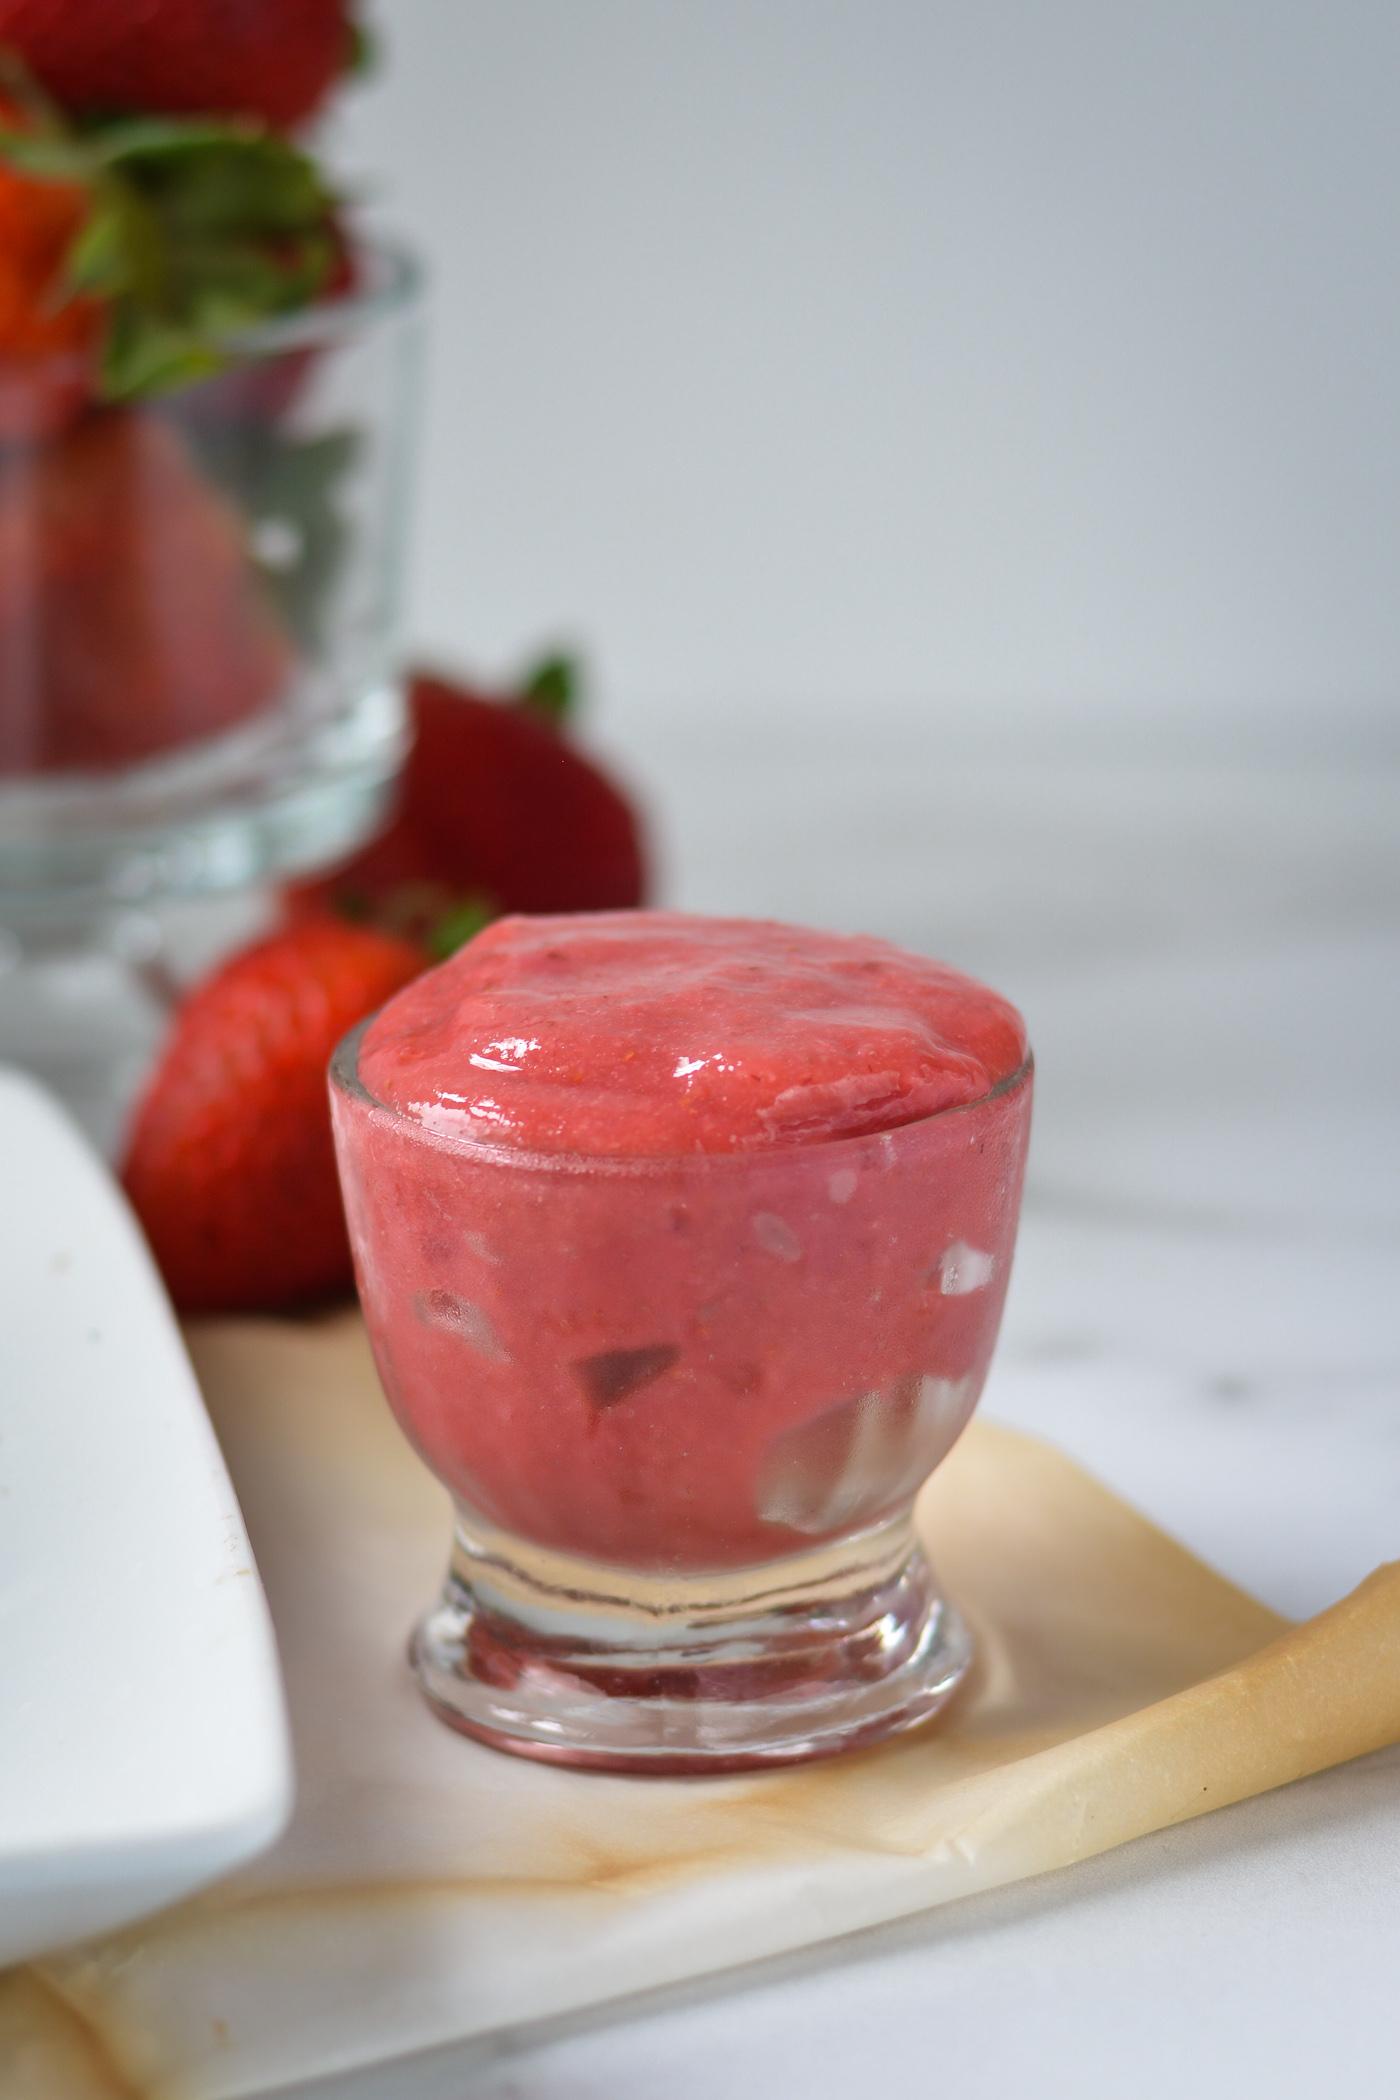 strawberry freezer jam in small glass goblet